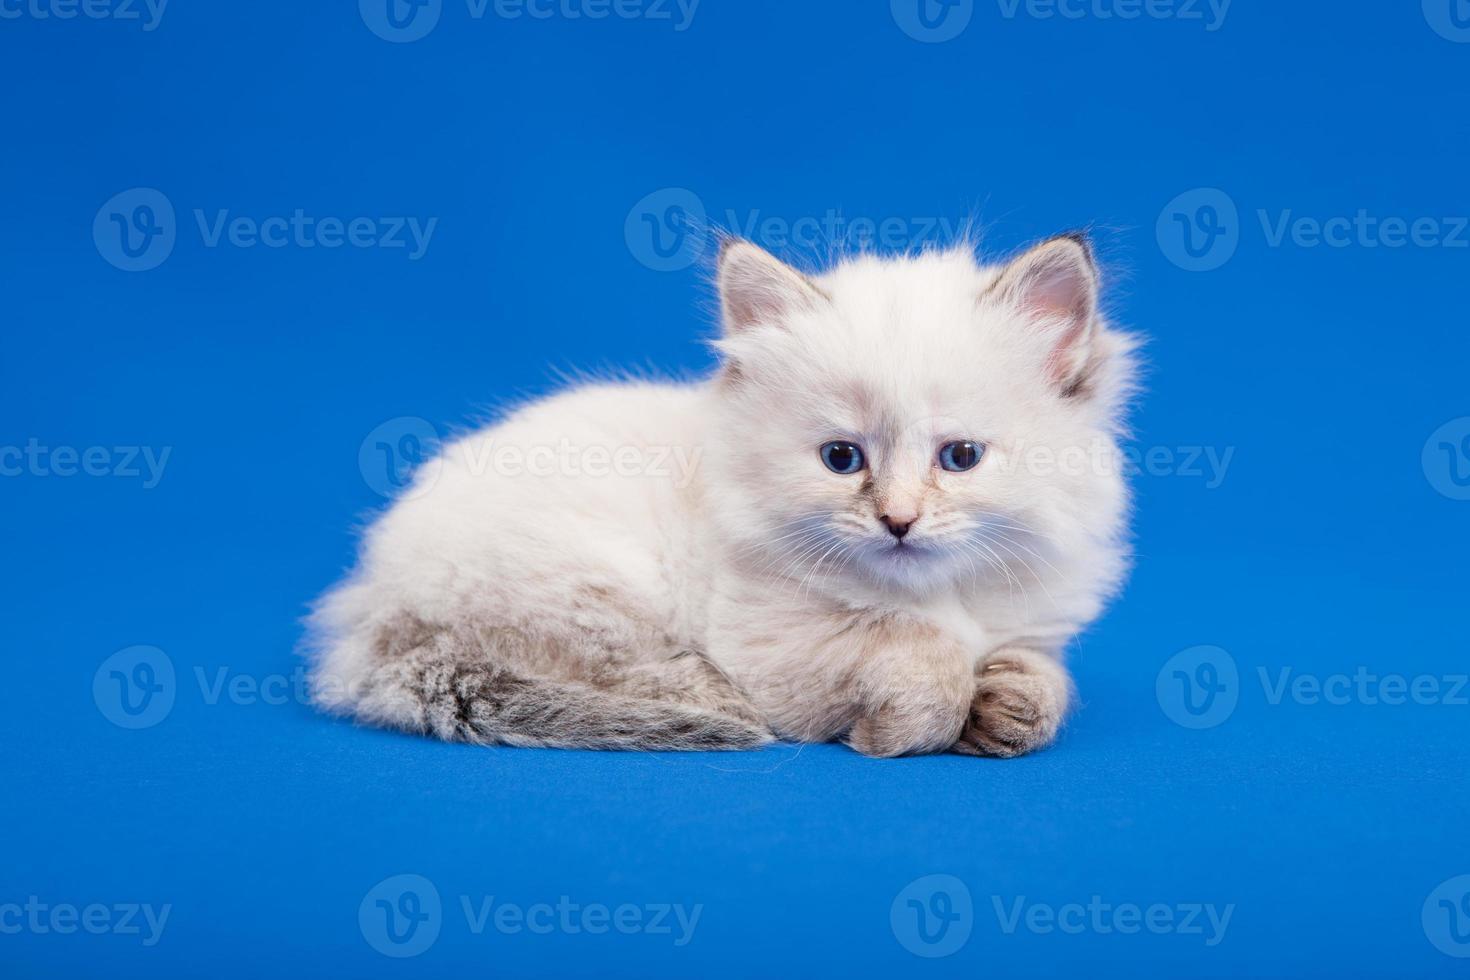 Siberian forest kitten photo